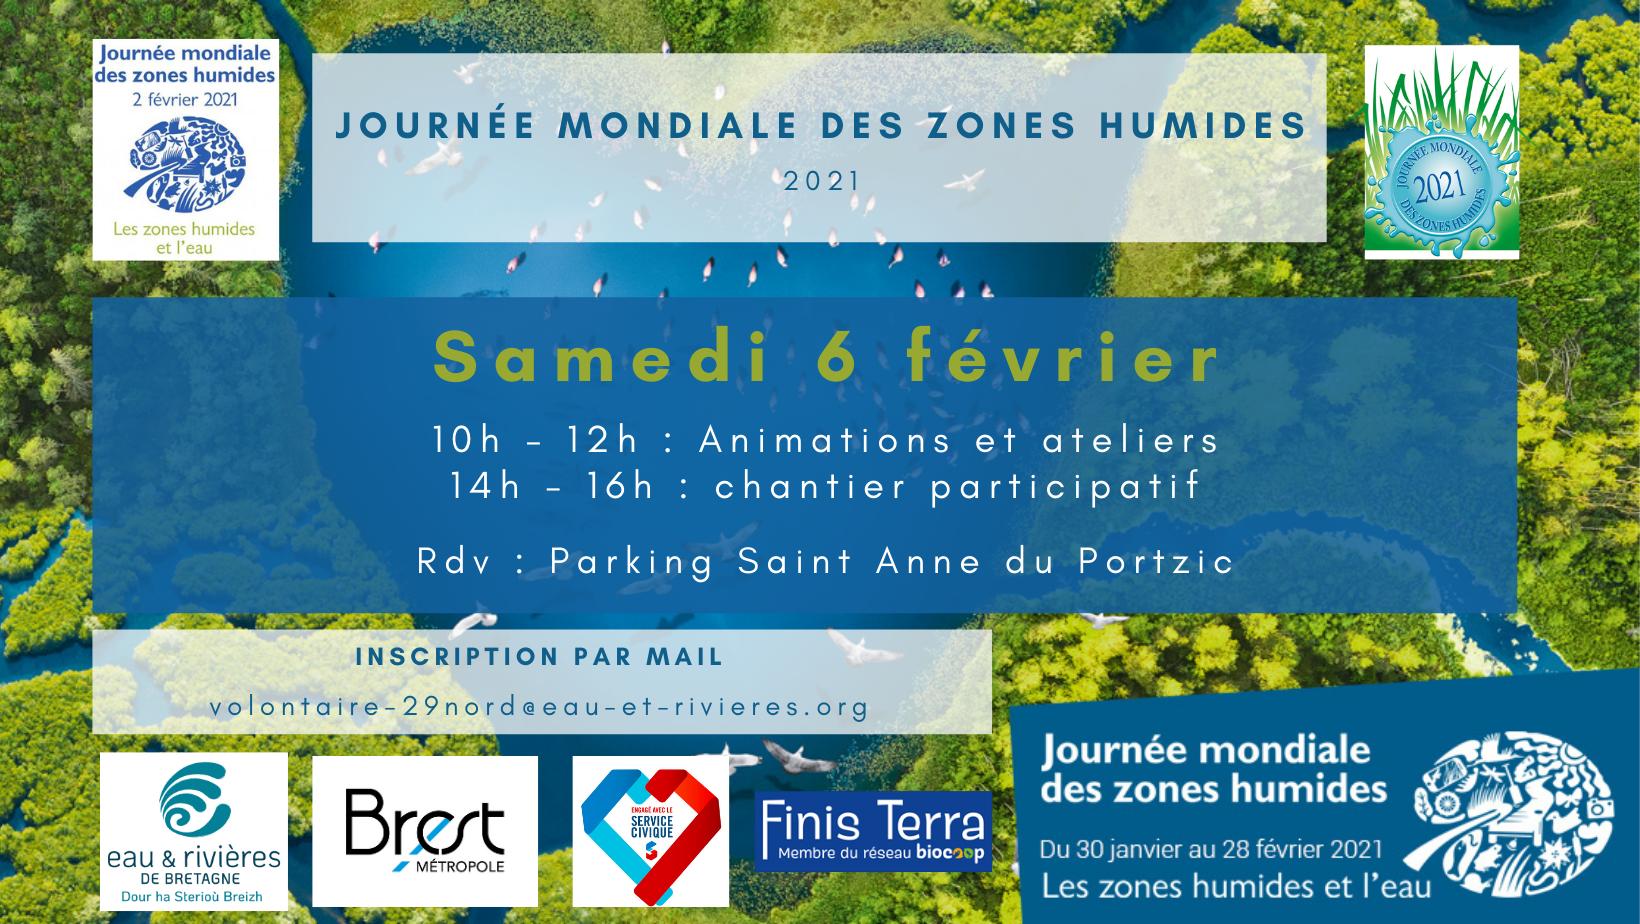 Journée mondiales des zones humides à Sainte-Anne-du-Portzic